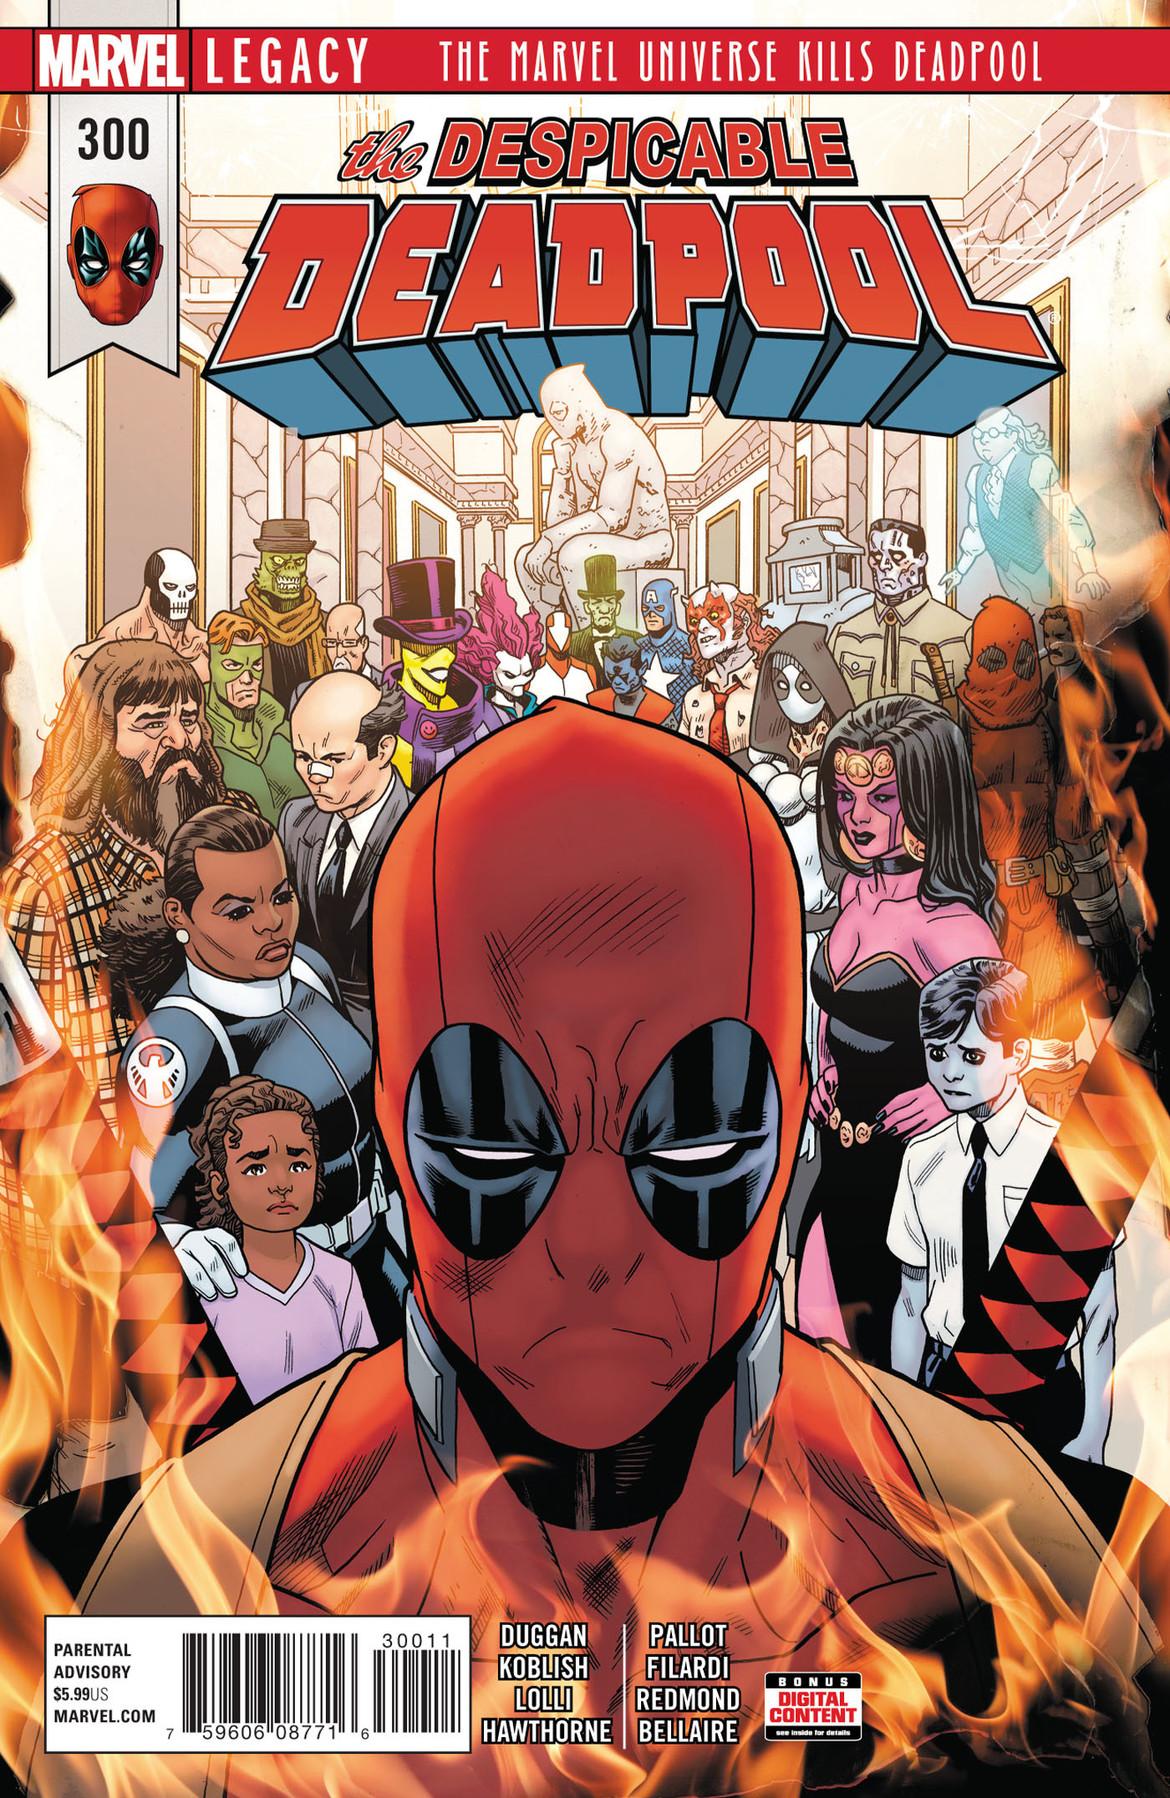 Deadpool 300 cover